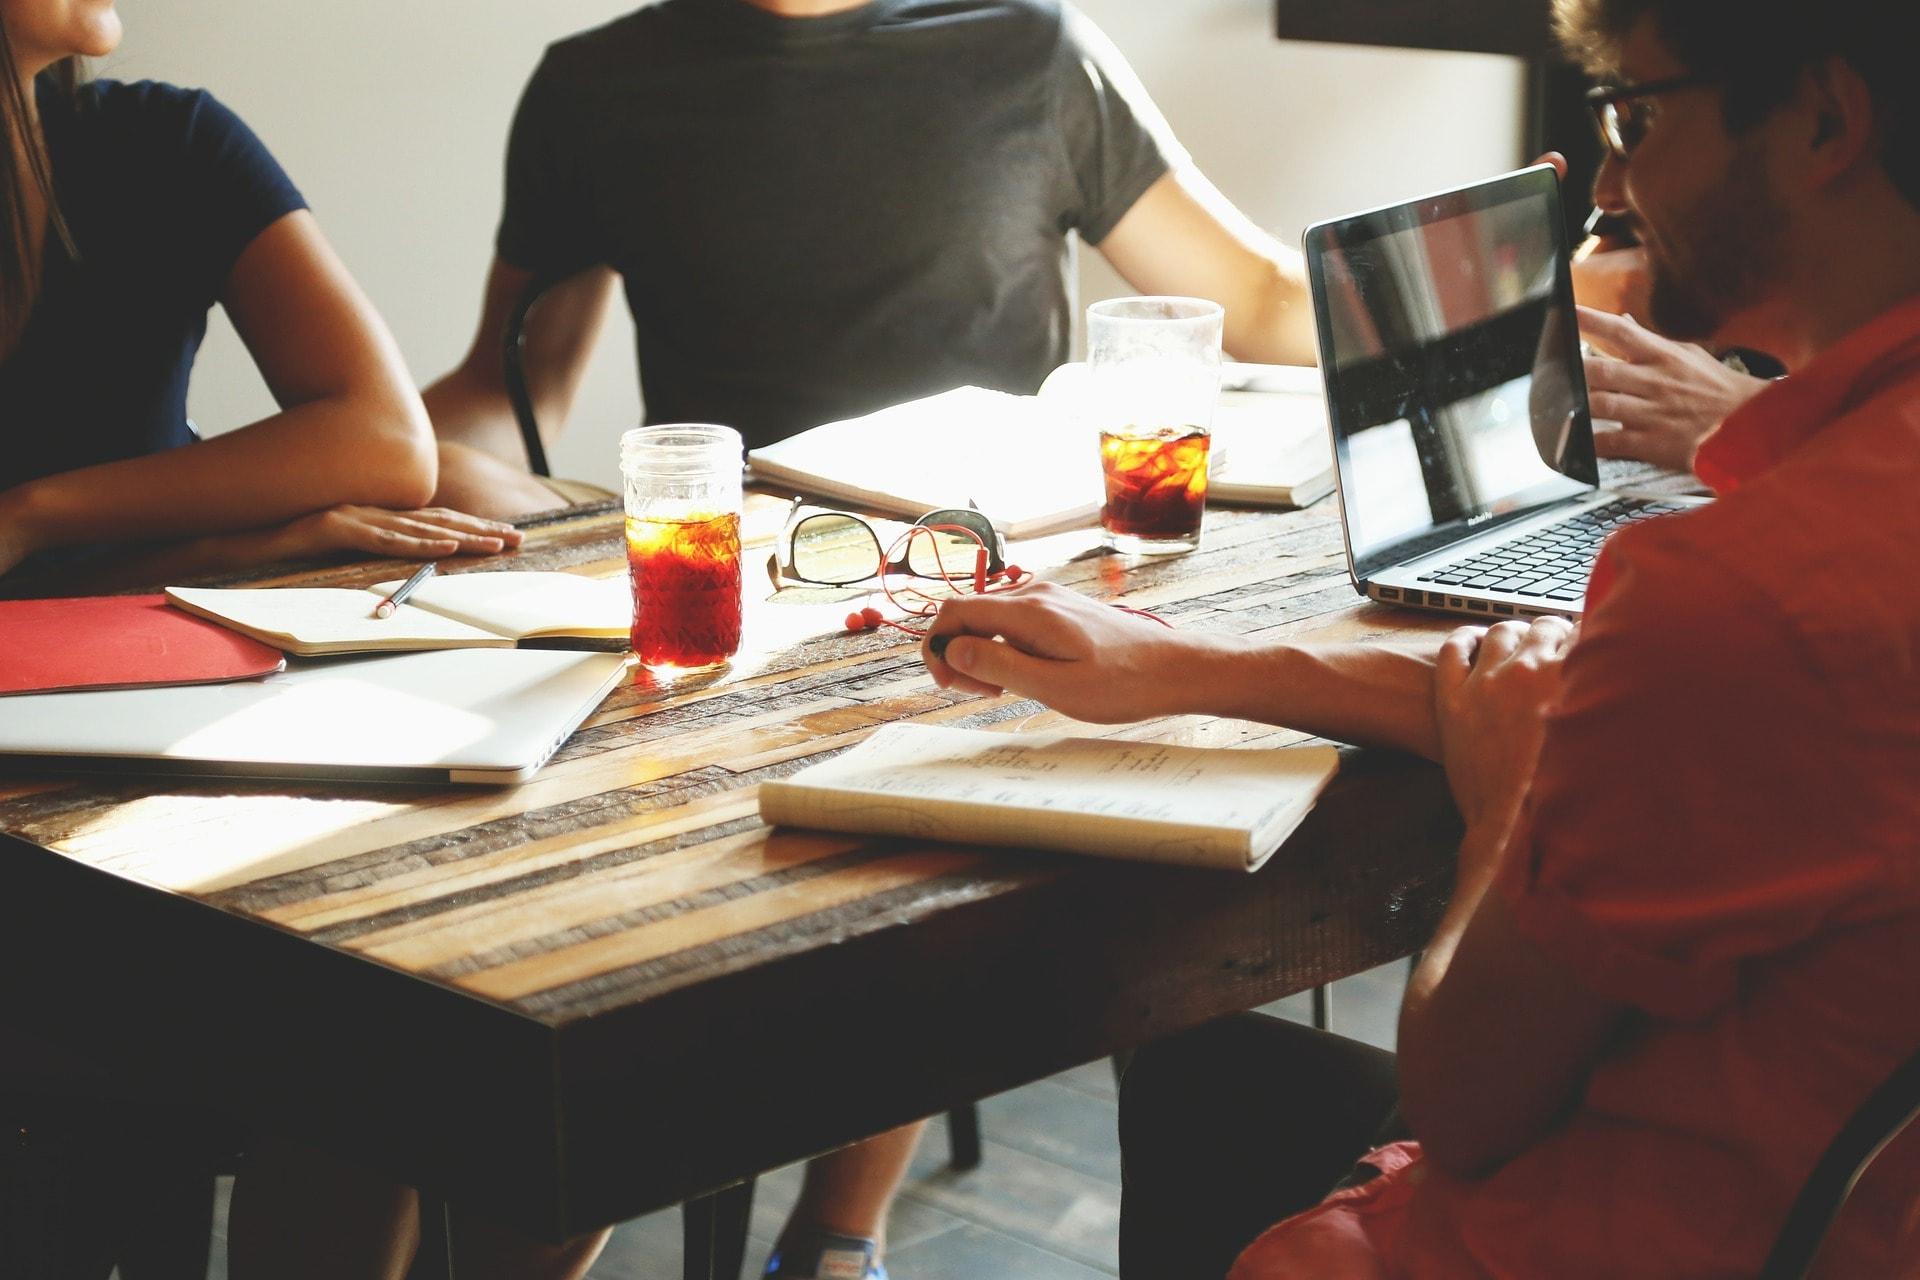 Projektmanagement erfordert viel Teamarbeit